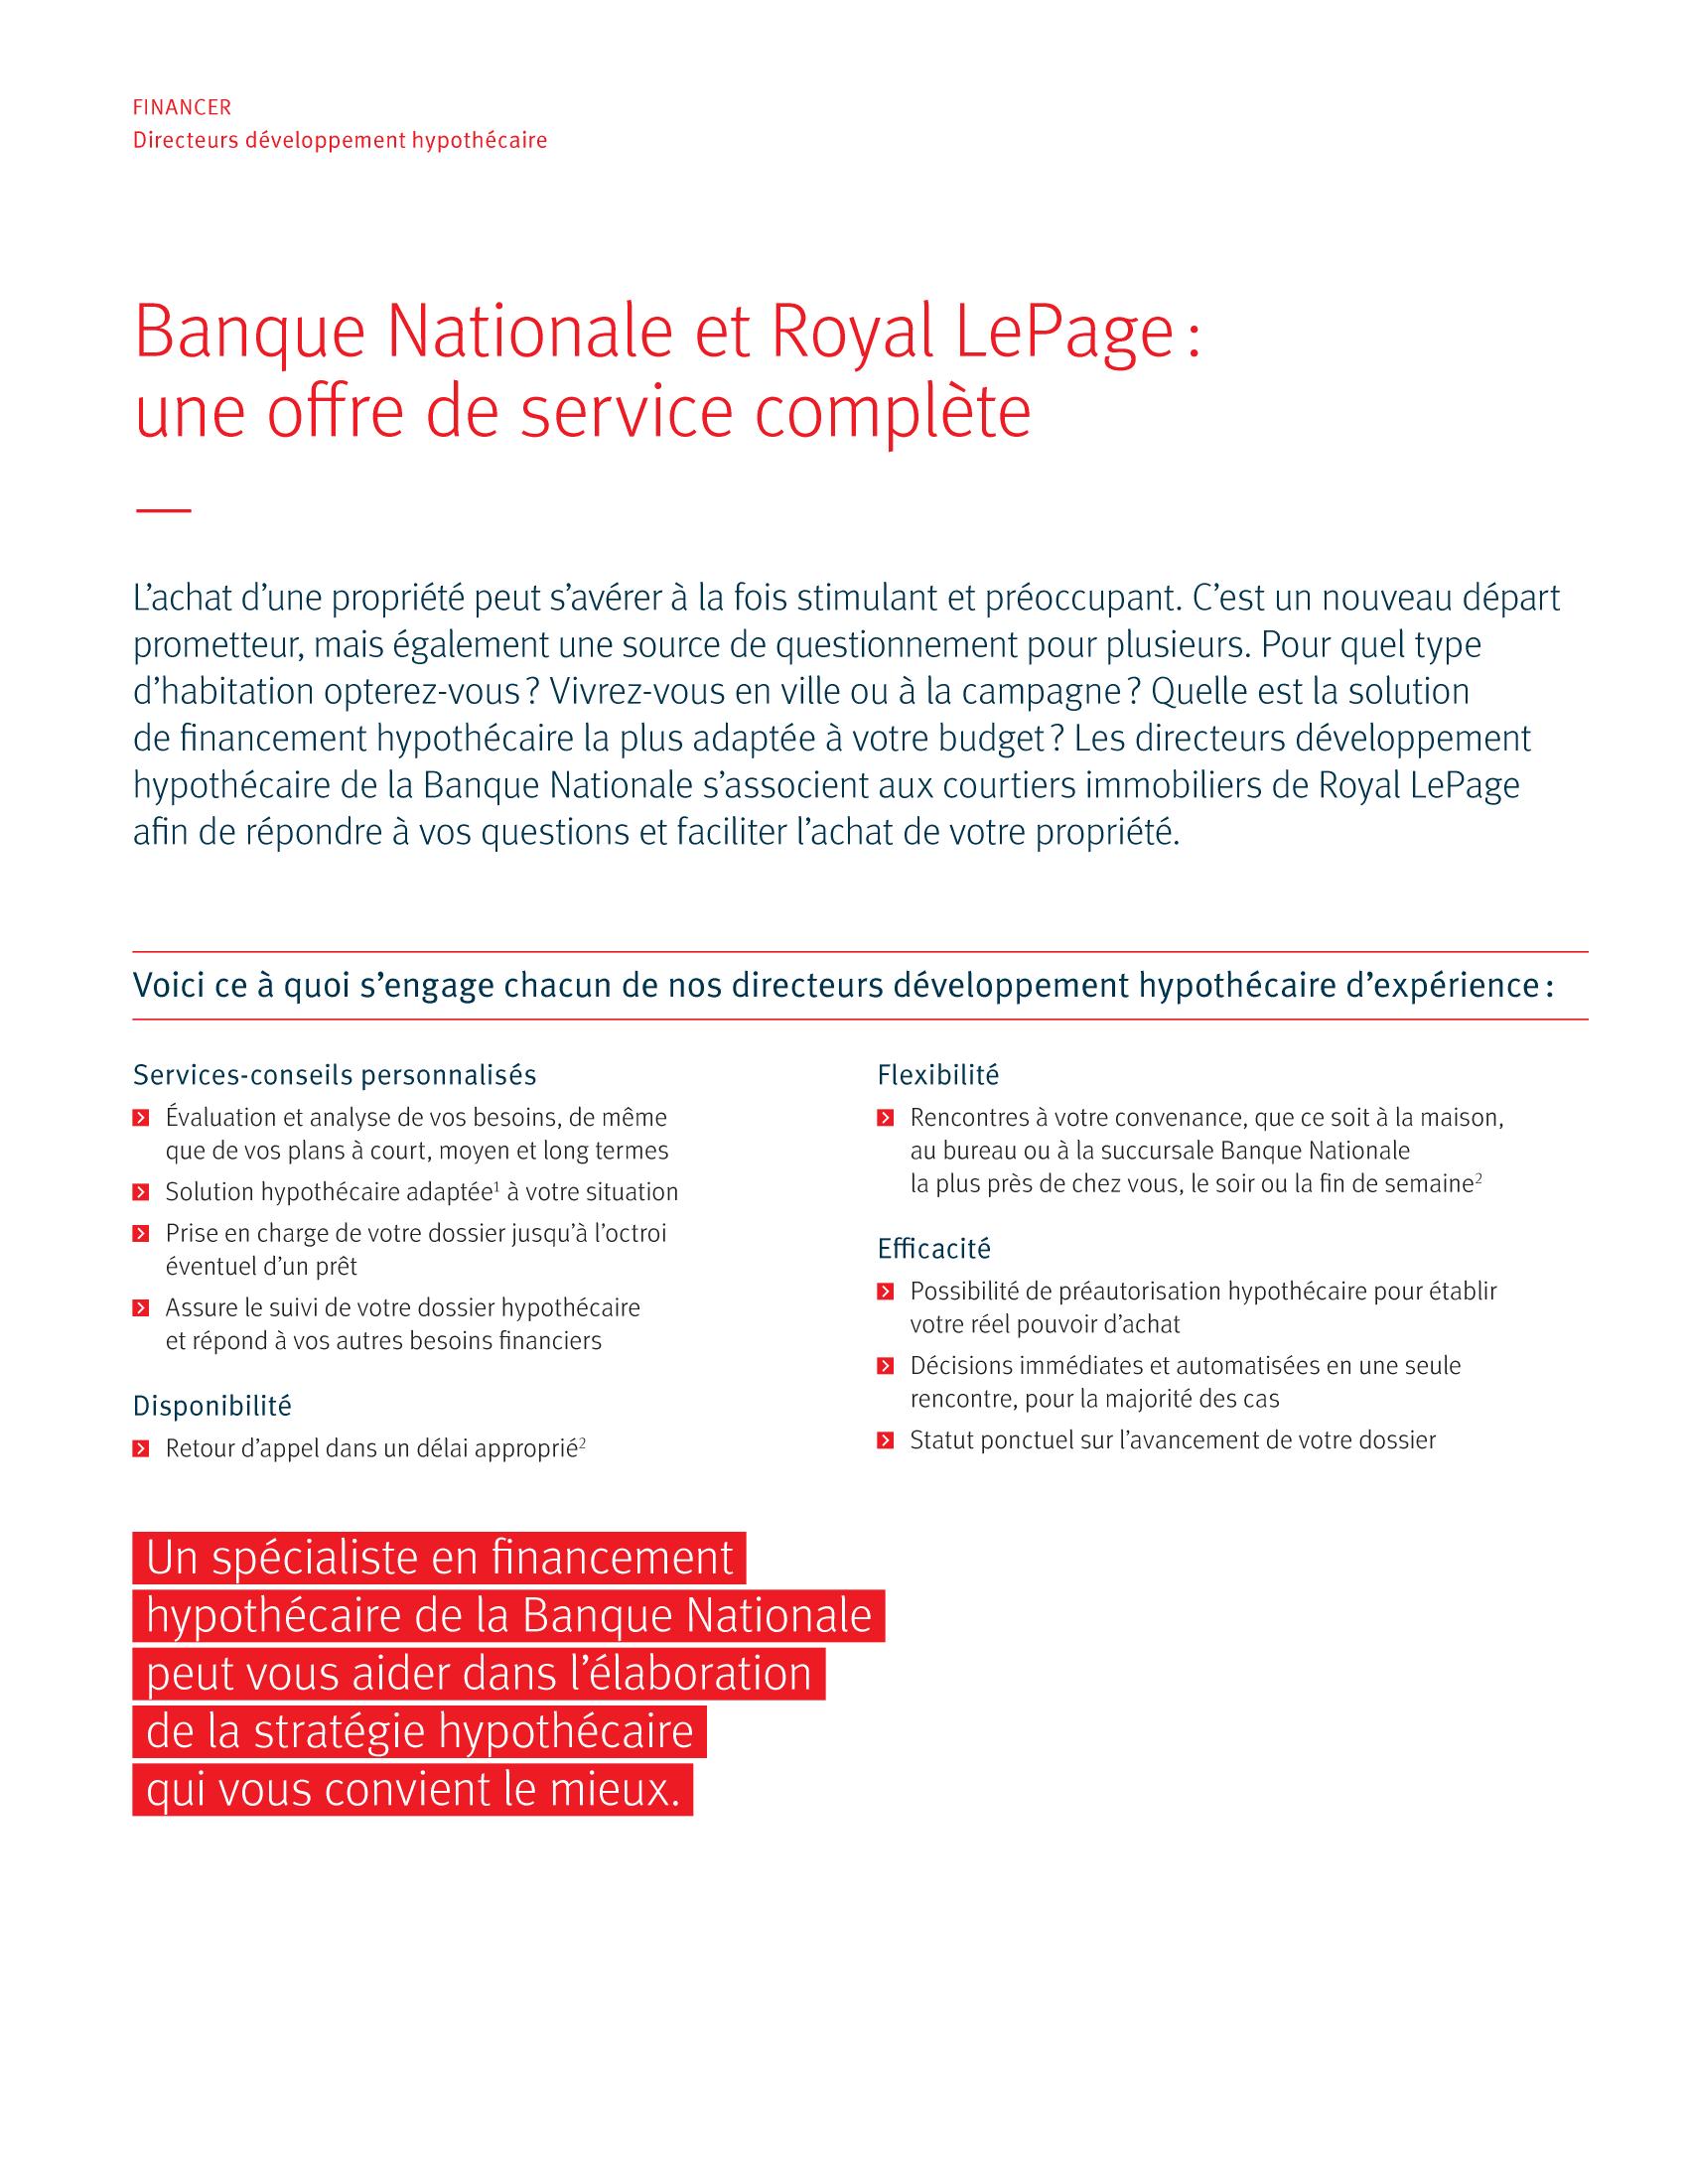 2 | Dépliant « Un partenariat riche en avantages » - Royal Lepage